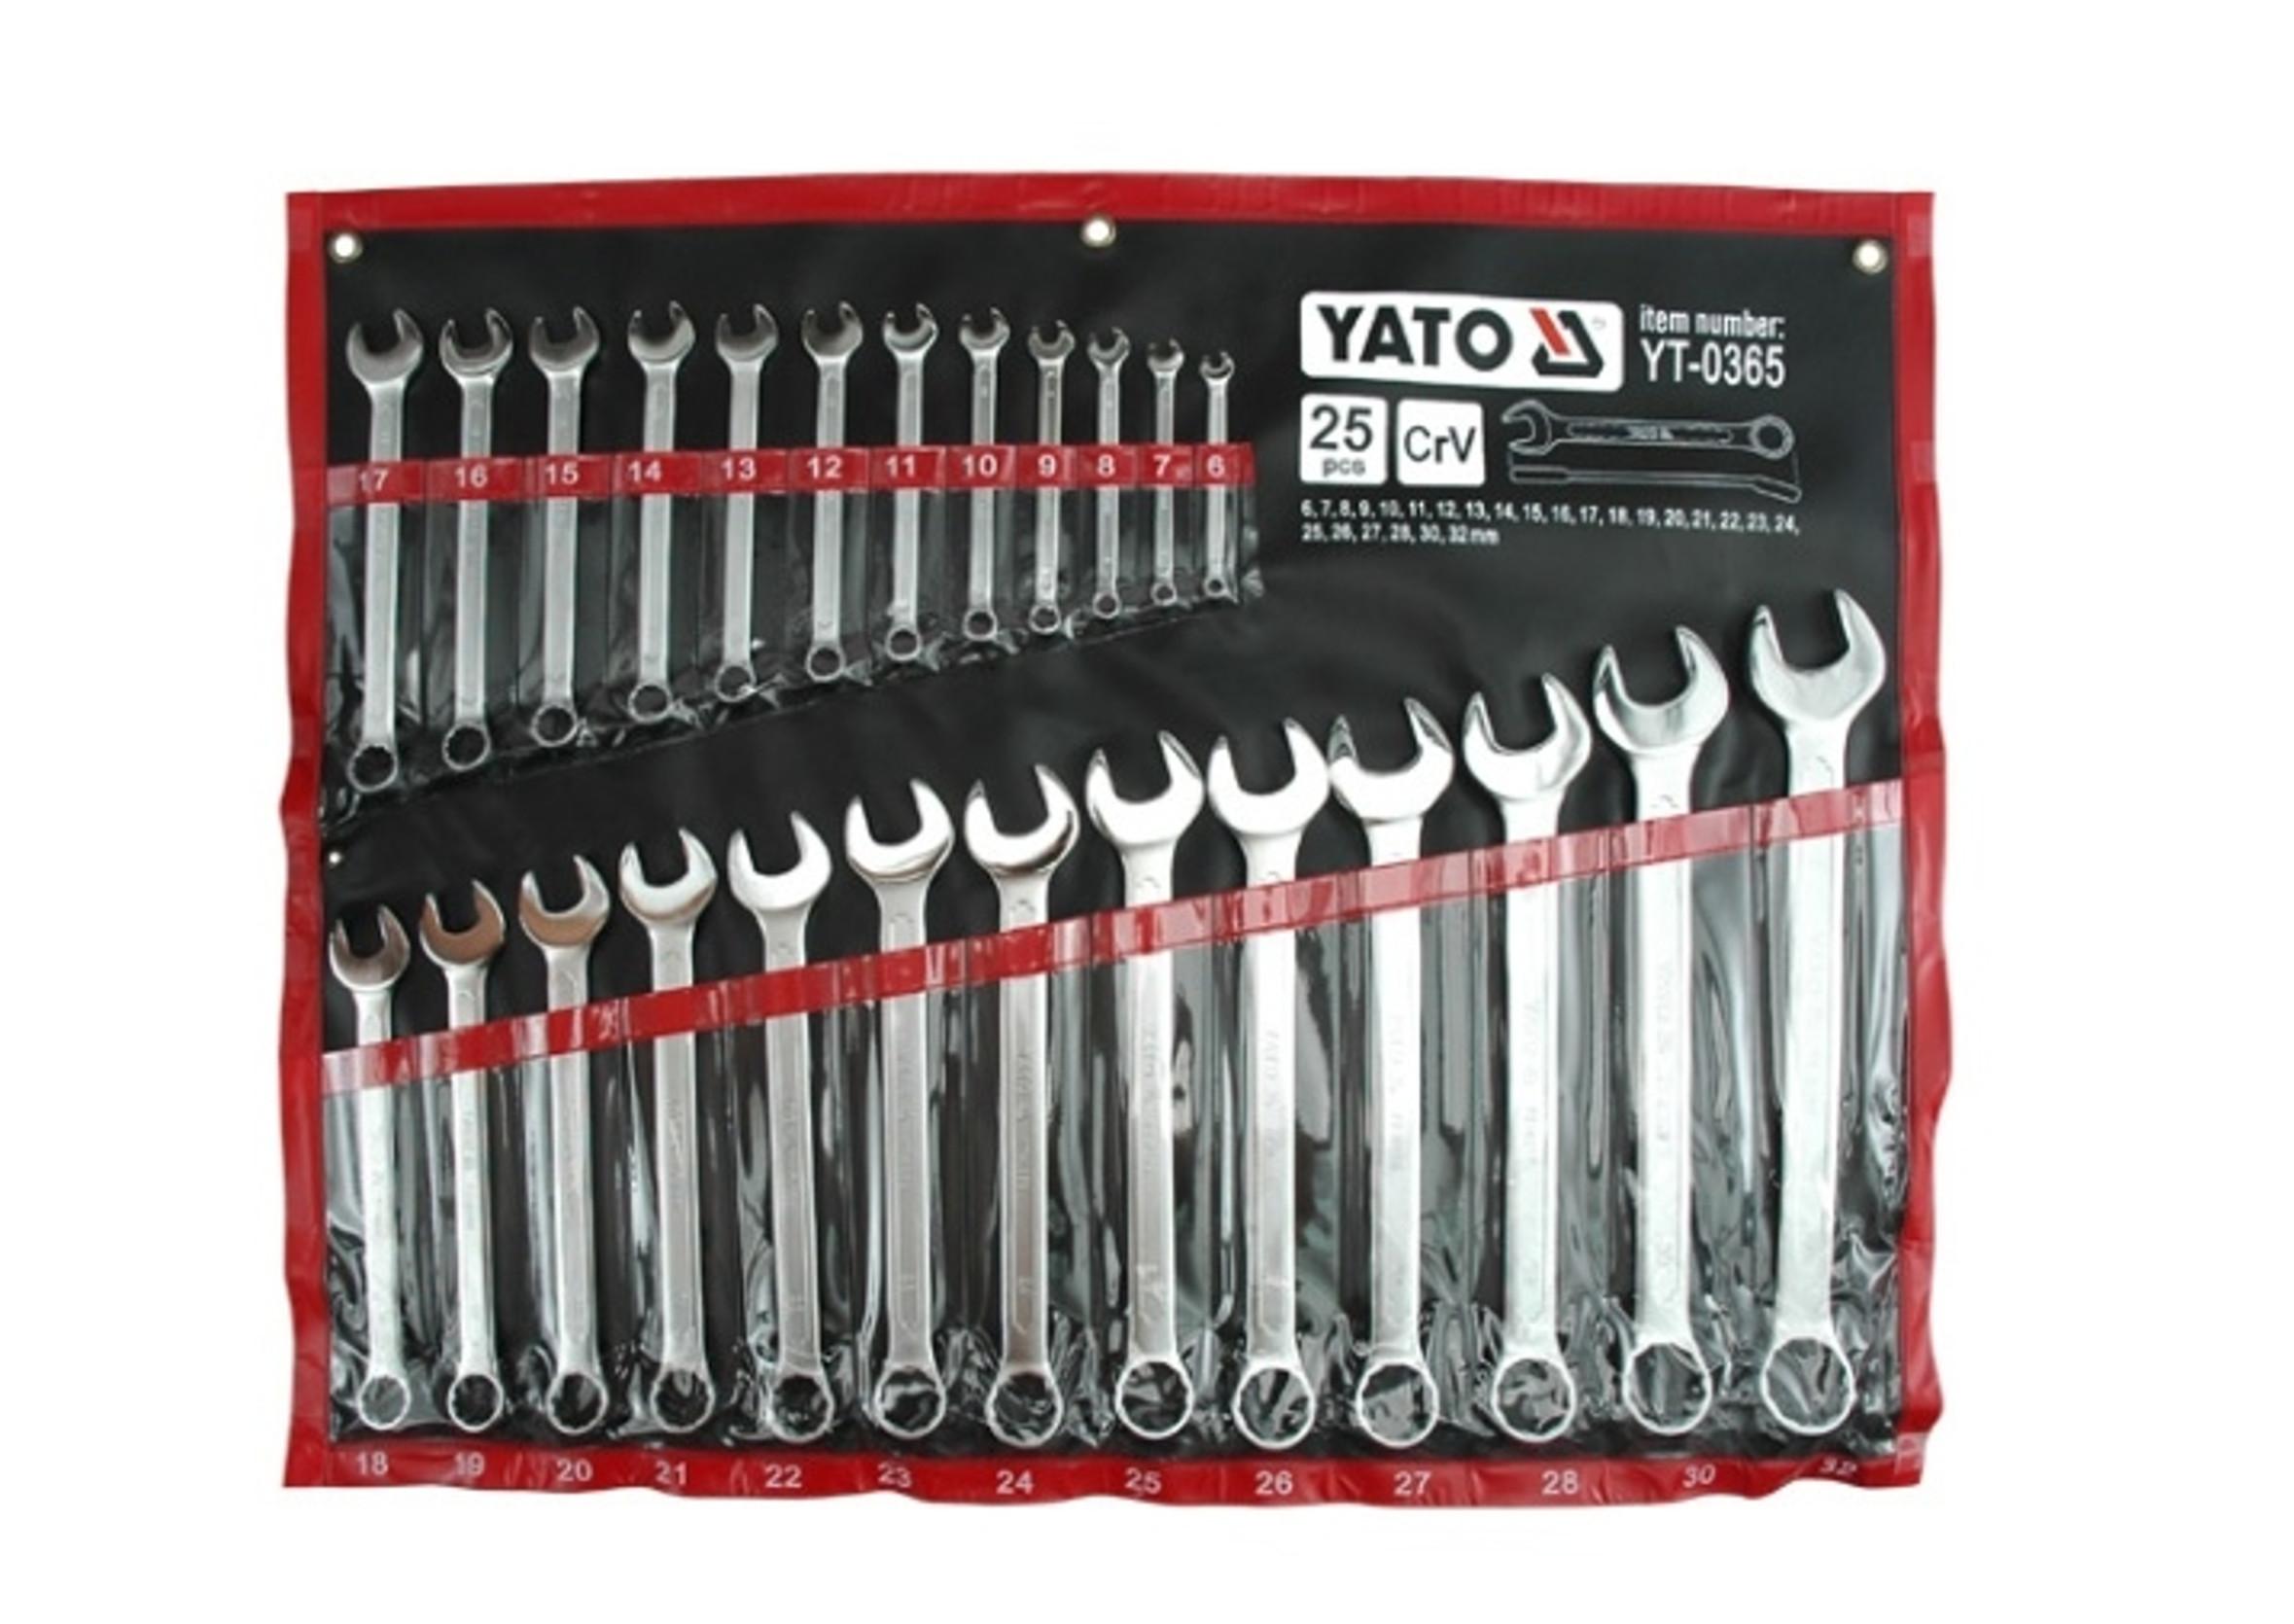 Yato YT-0365 Klucze Płasko-Oczkowe 6-32mm 25szt